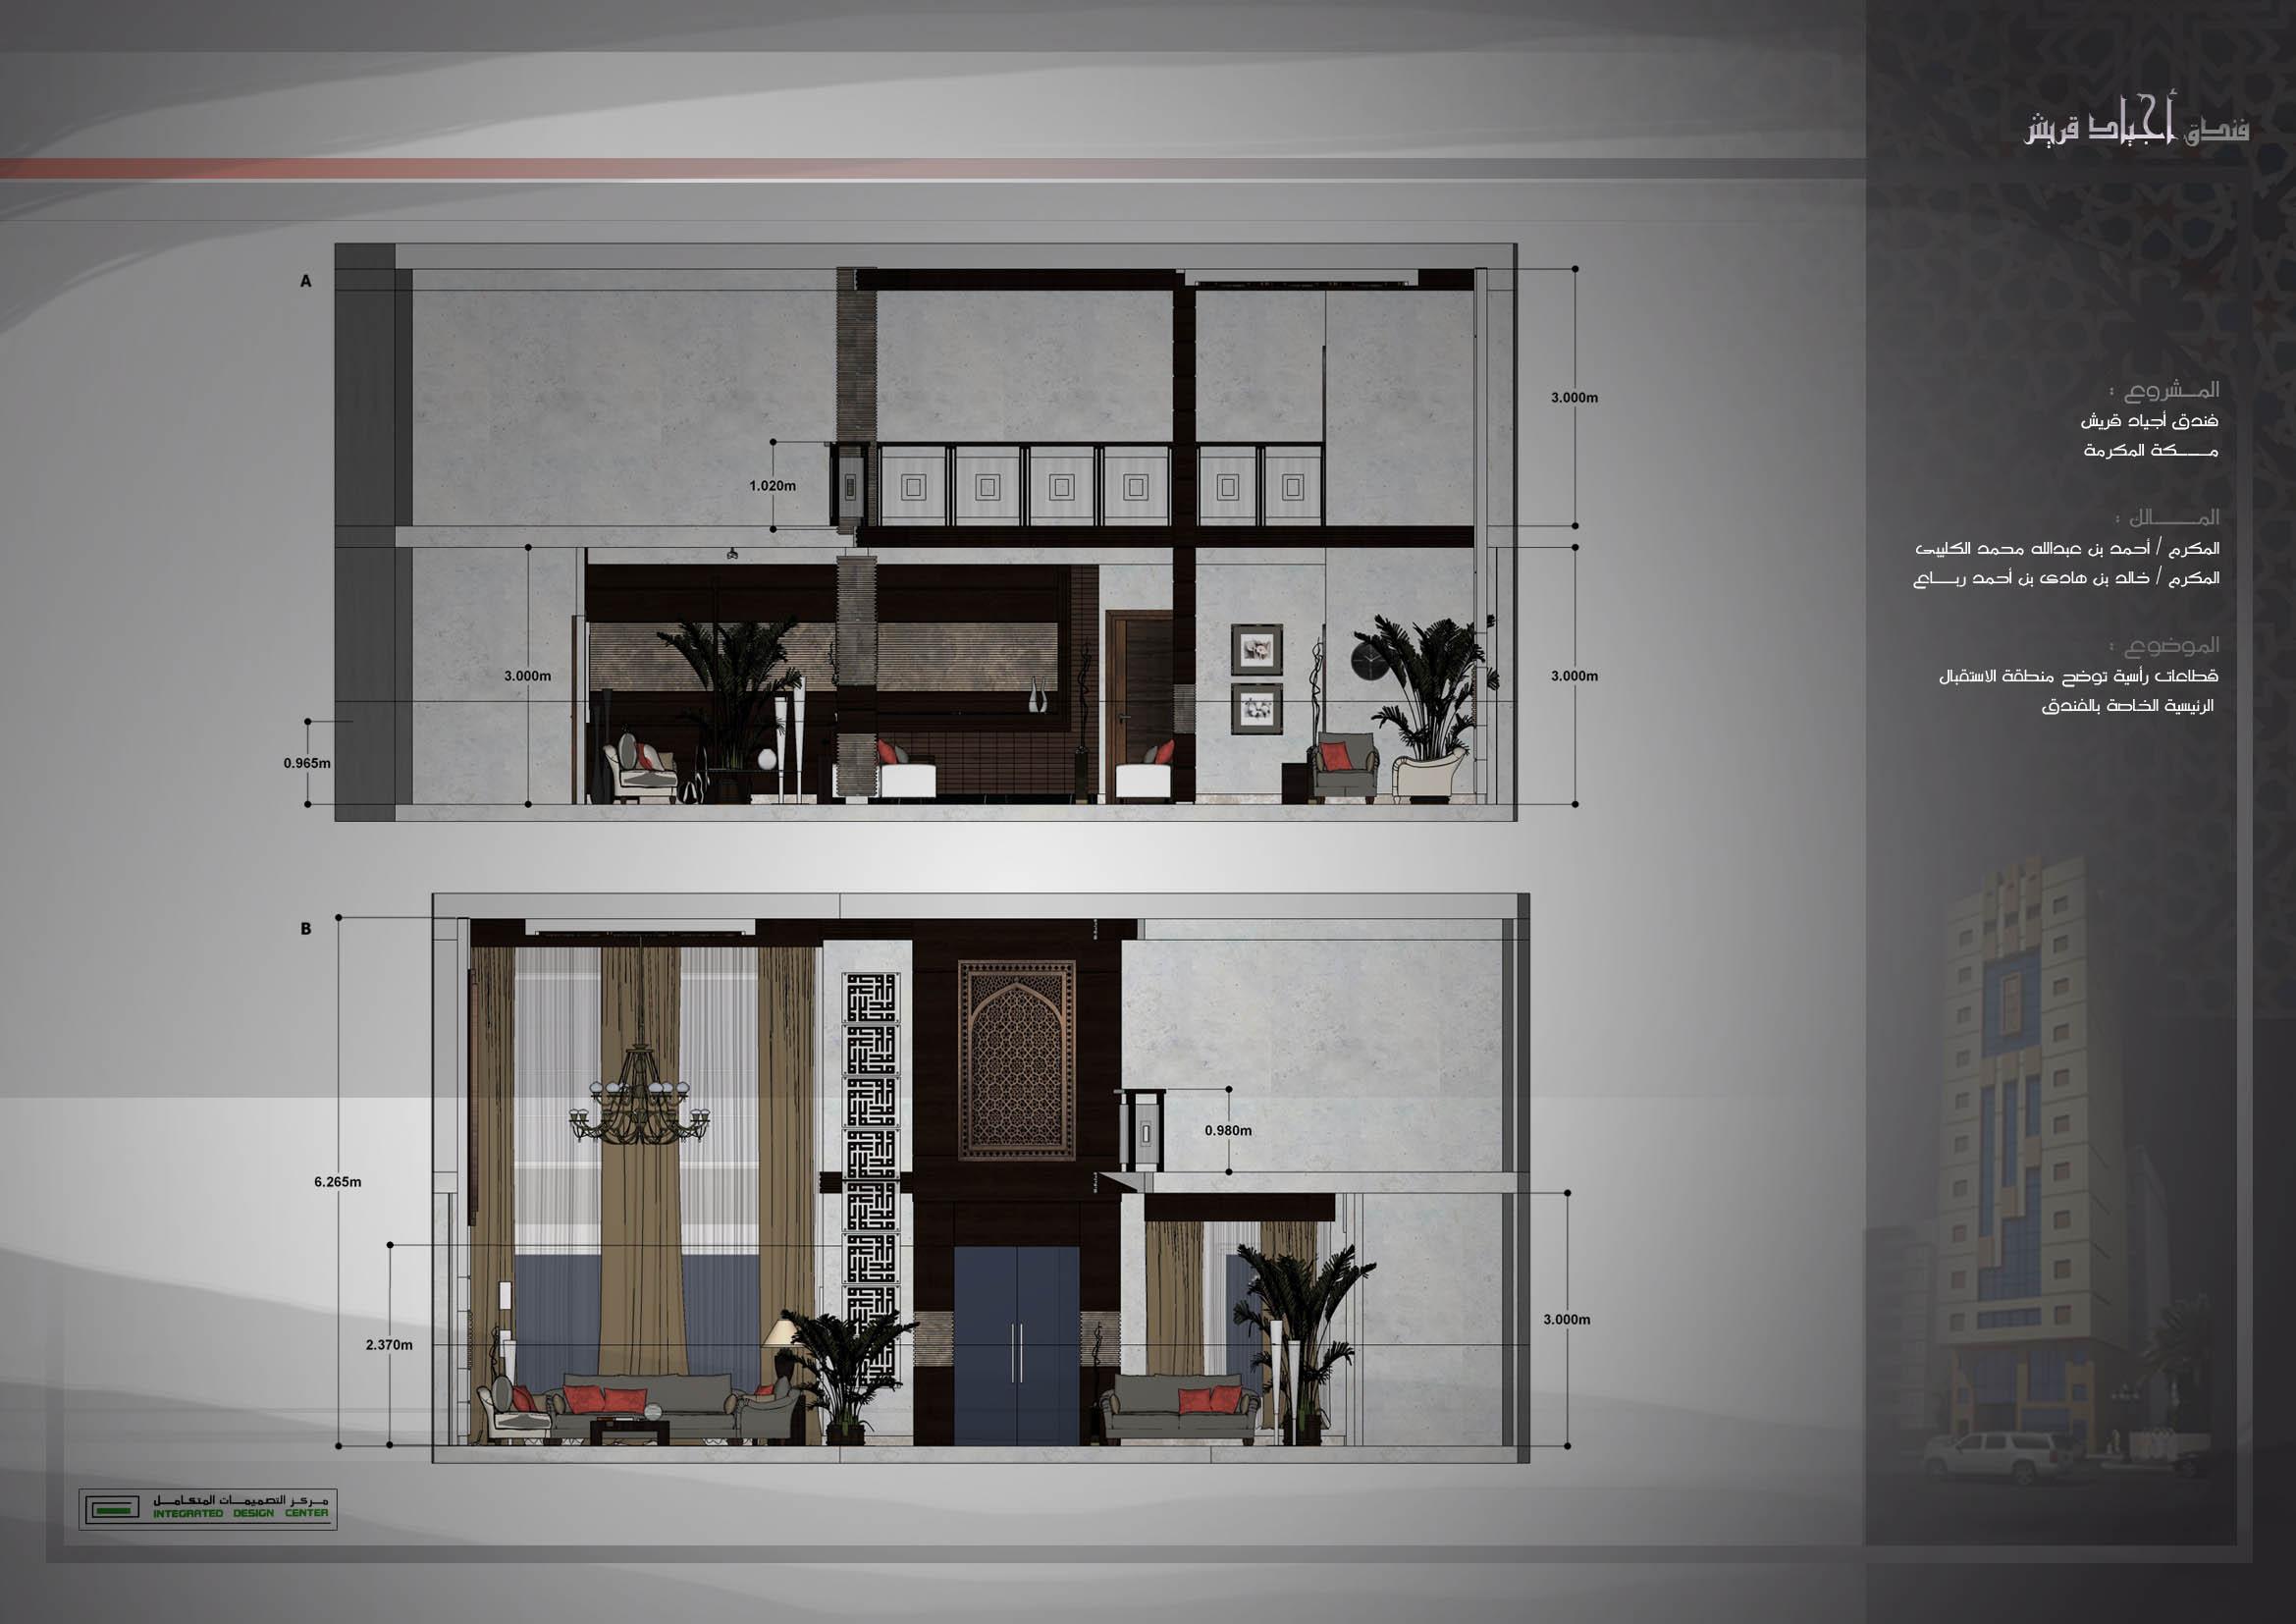 interior 96 by aymnelgwady